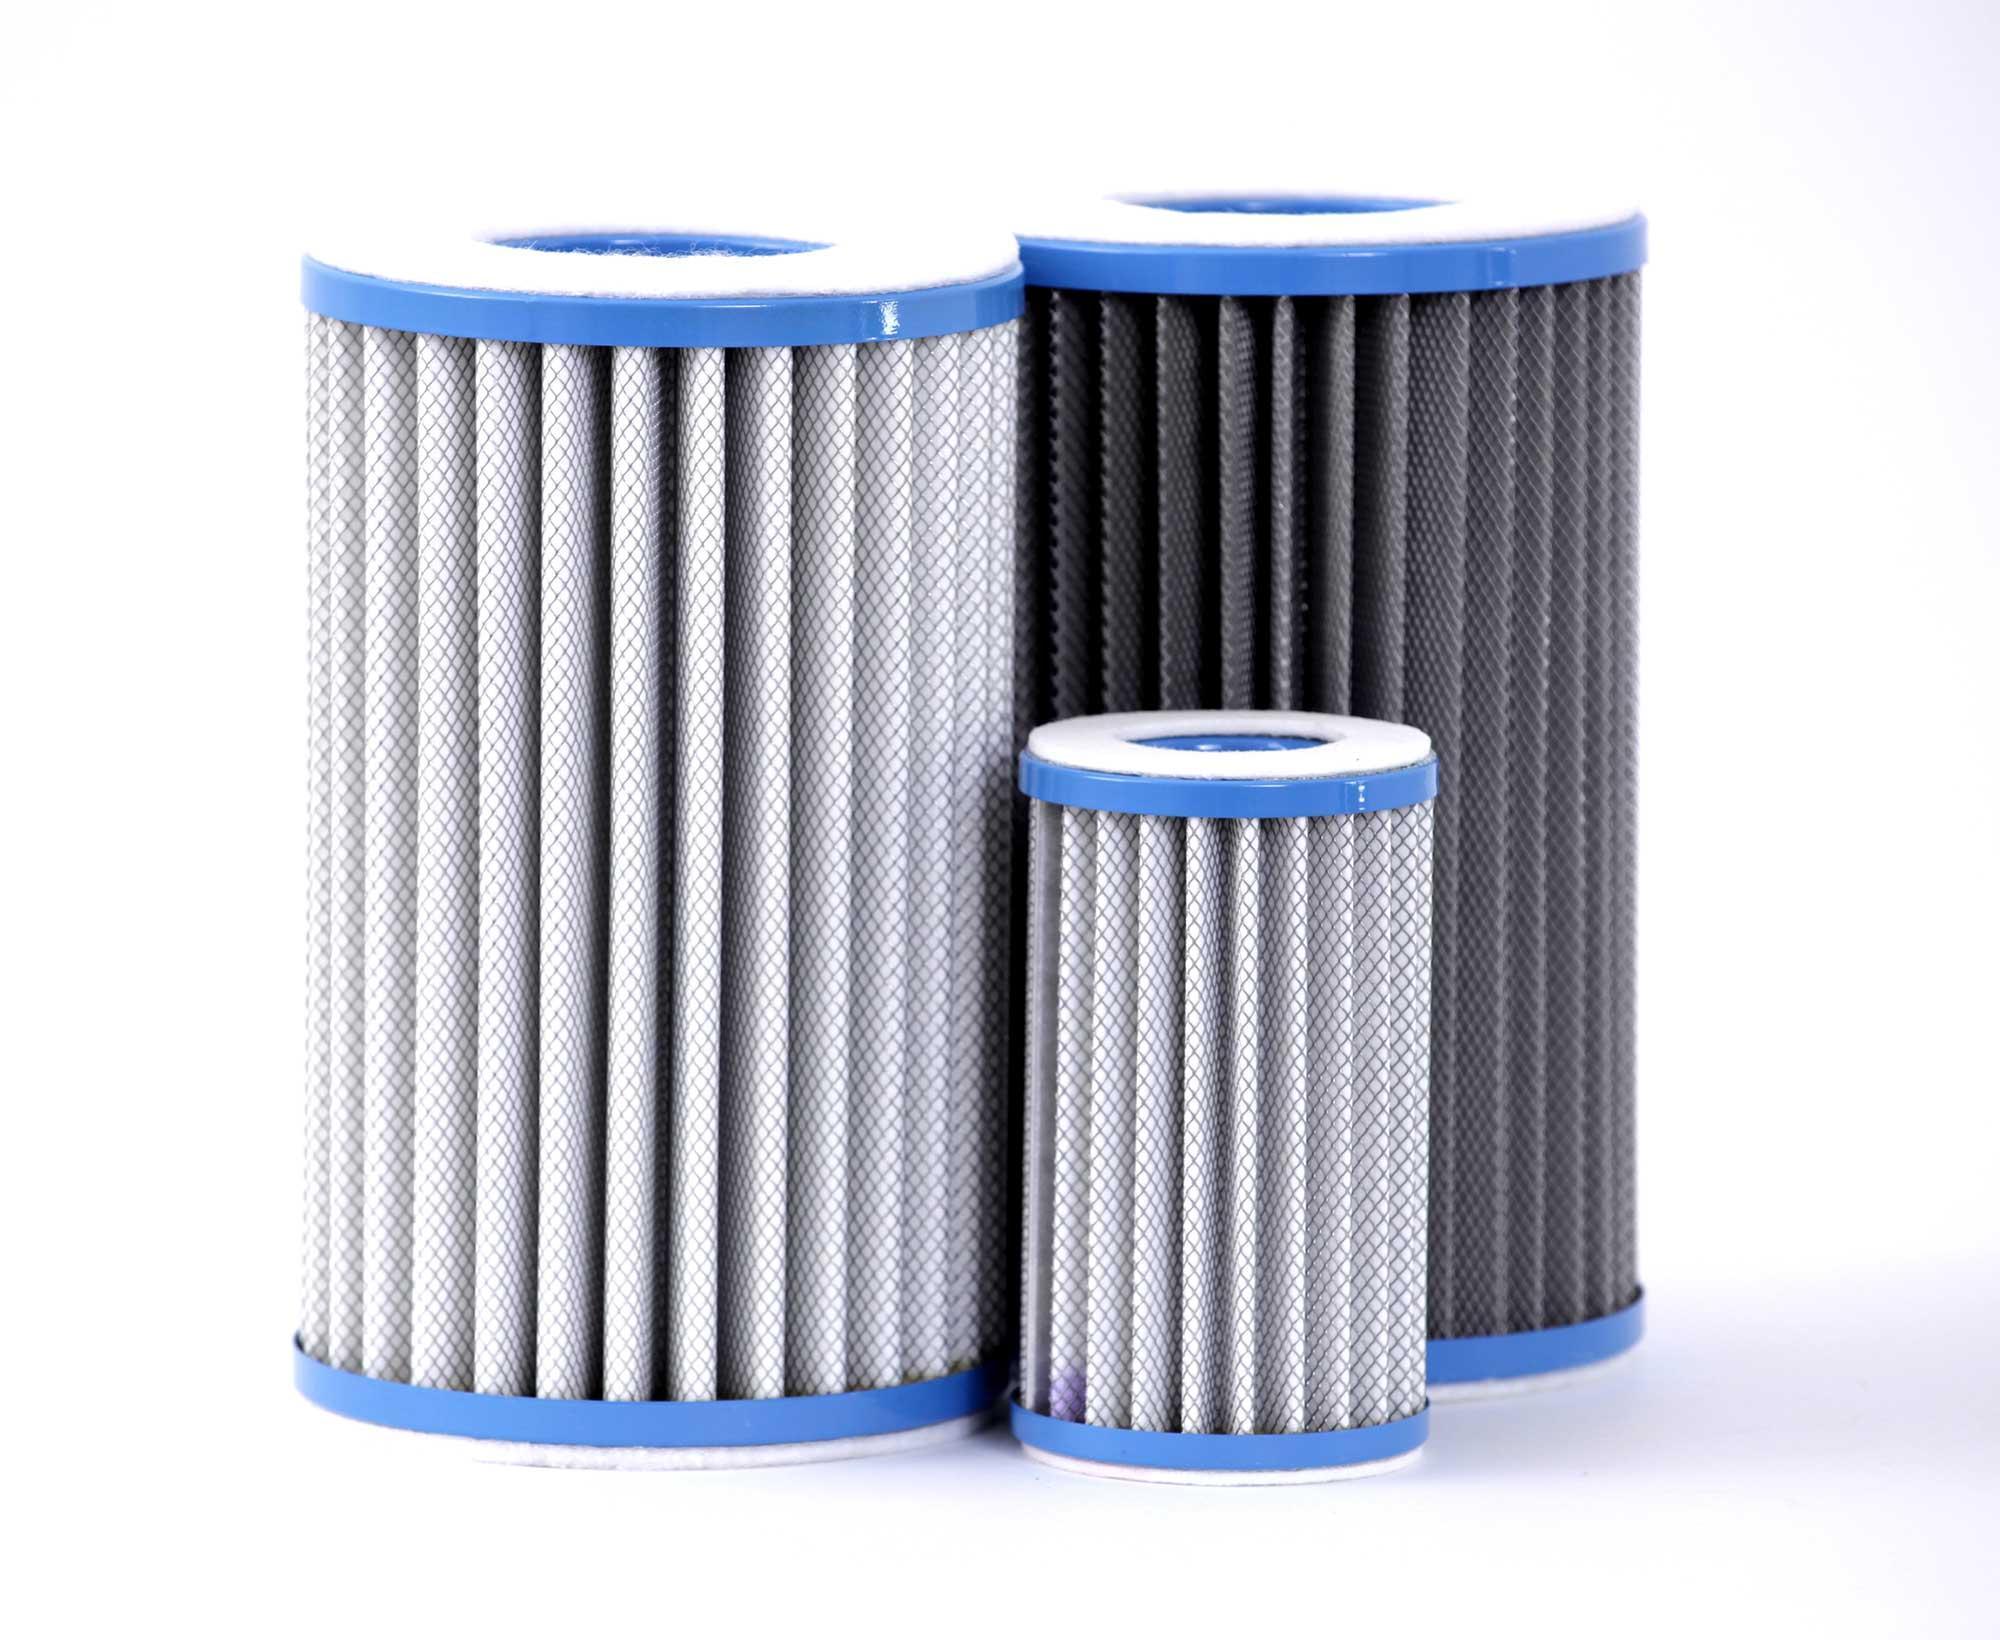 Prodotti filtri gas metano l p s lamiere perforate for Lps lamiere